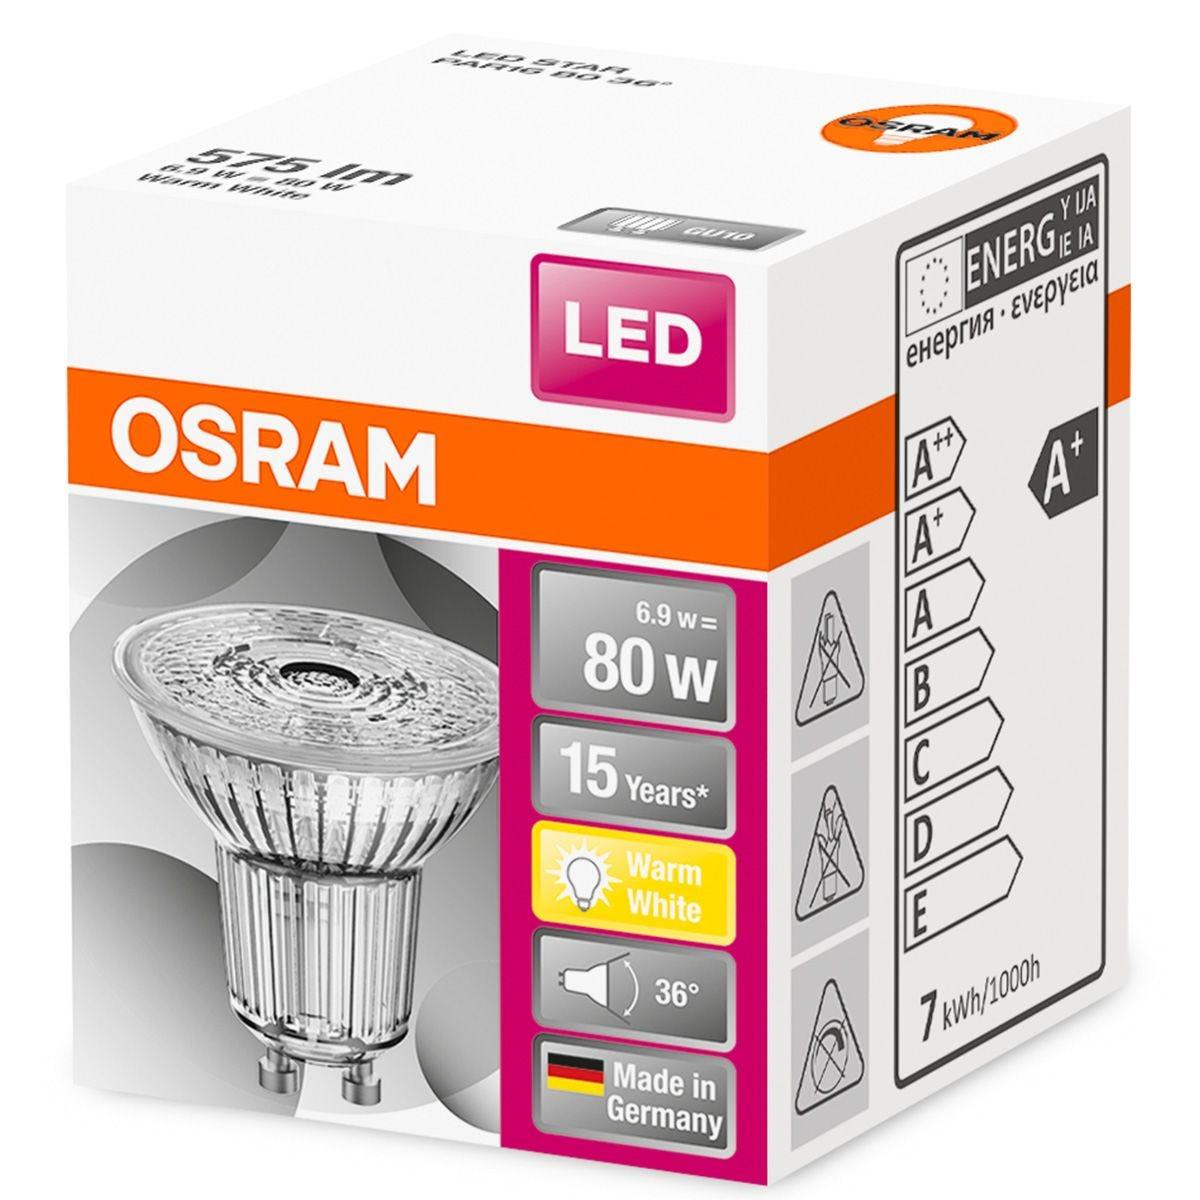 Osram 80W GU10 Bulb - Warm White